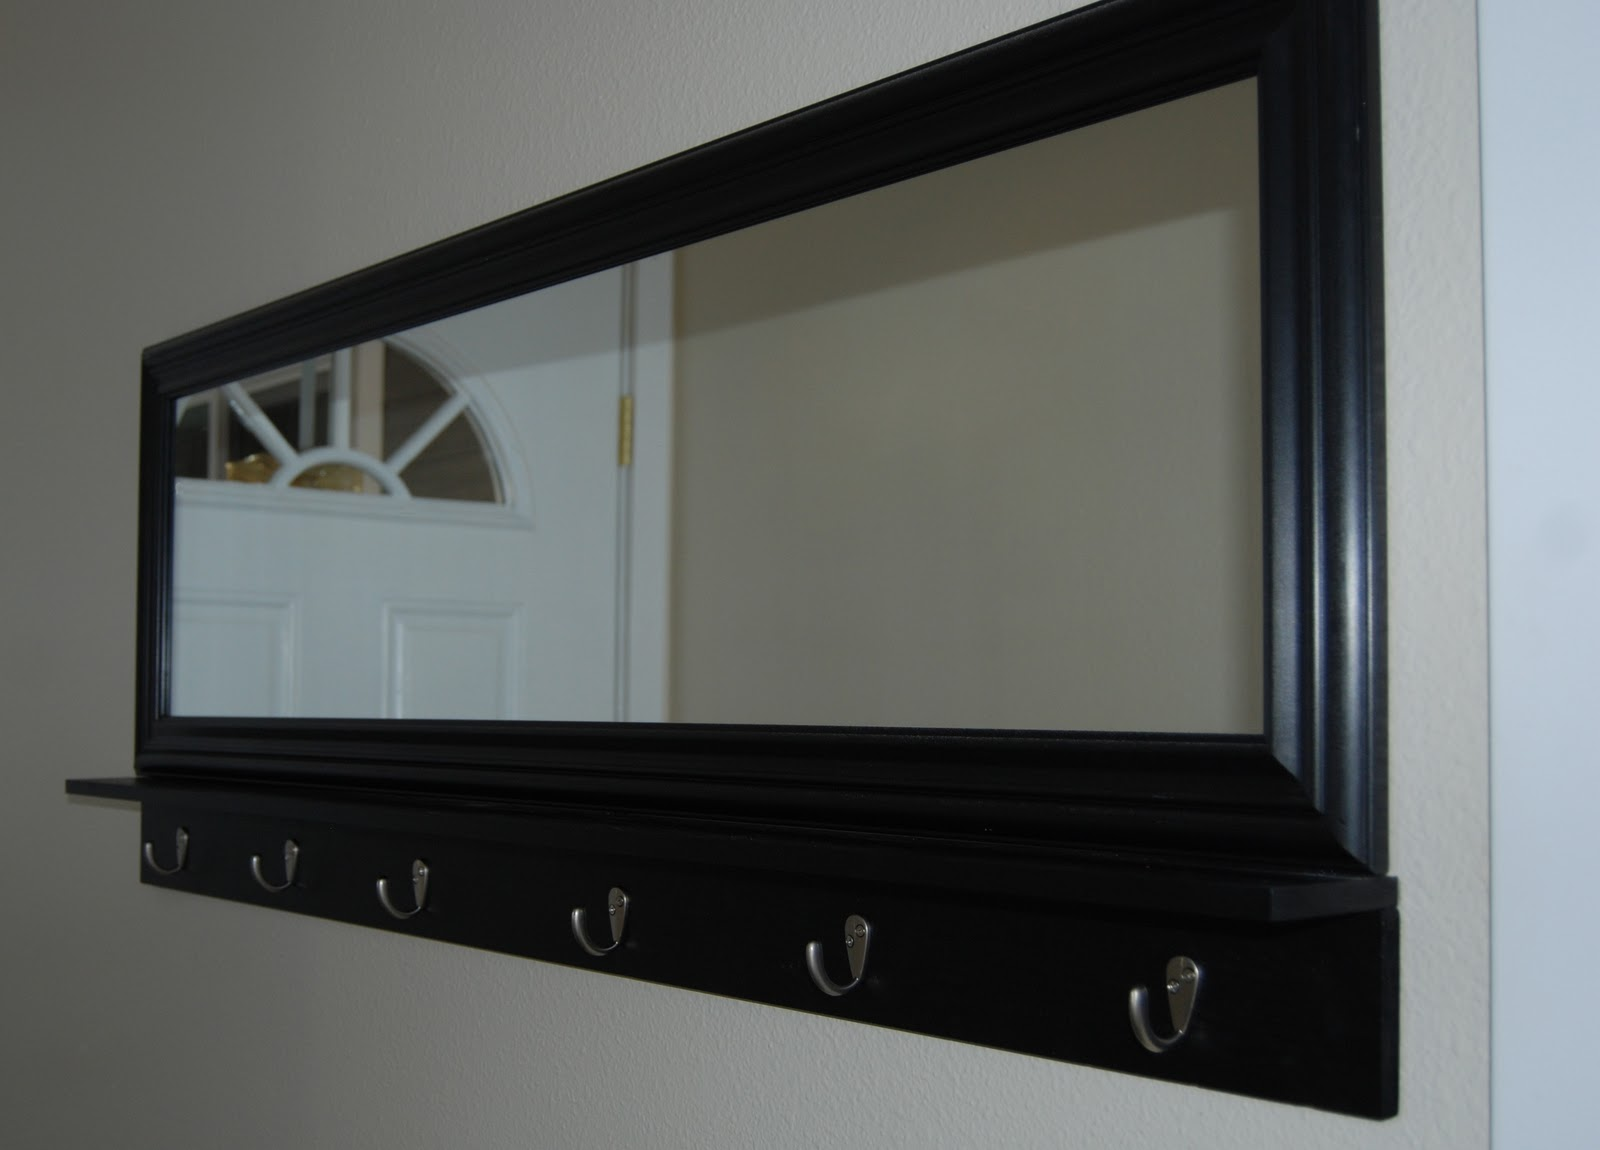 nap time crafts mirror coat hook. Black Bedroom Furniture Sets. Home Design Ideas